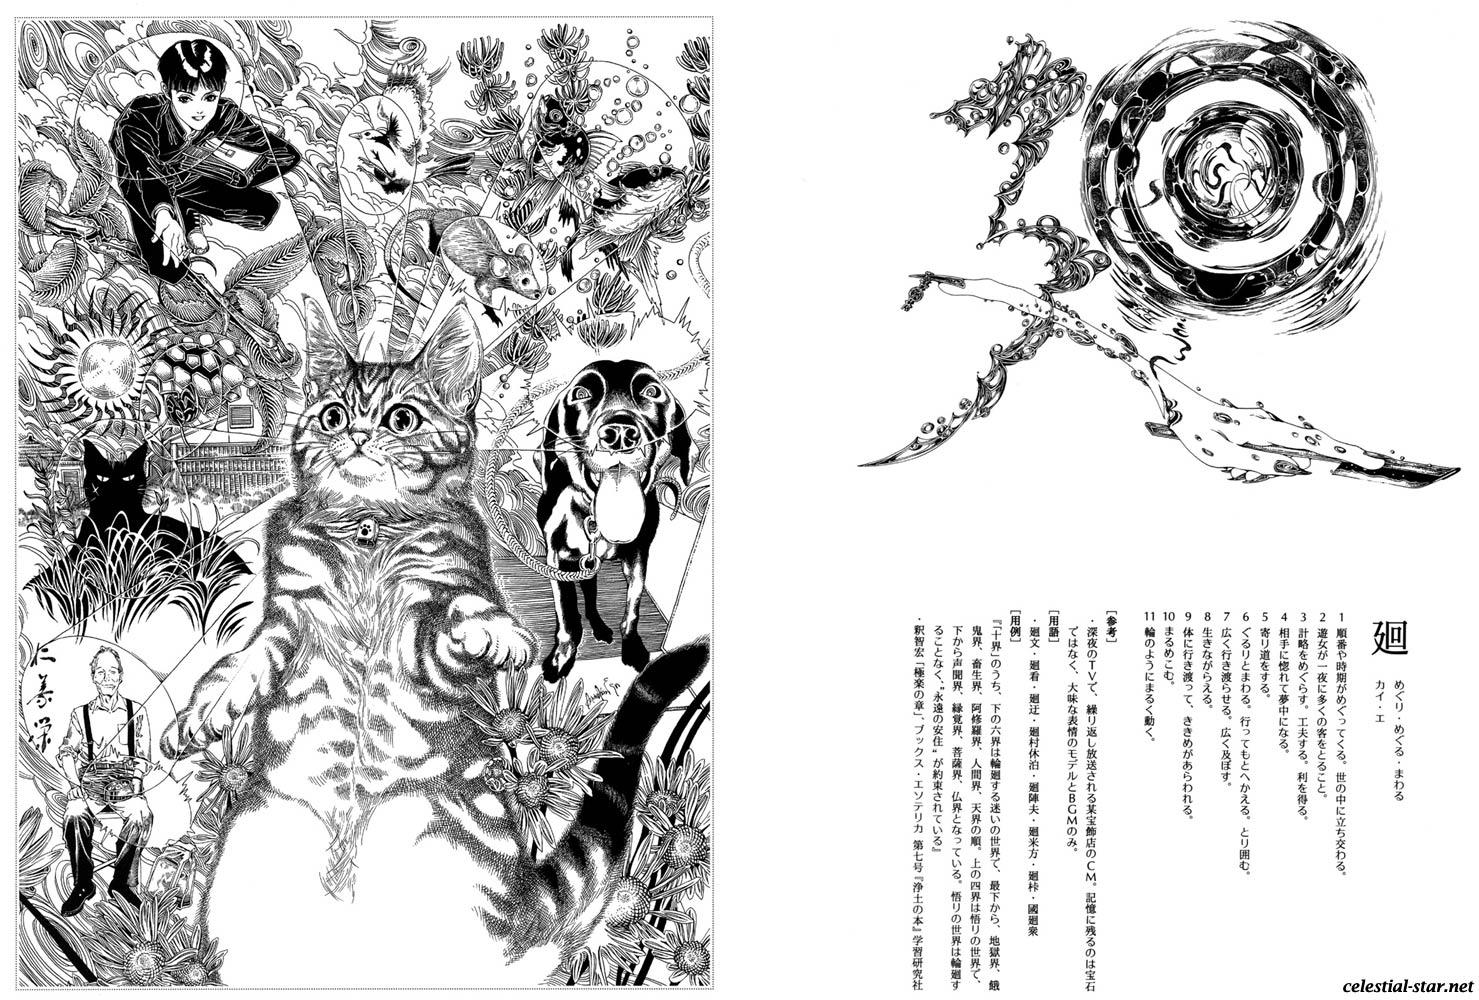 Kohjien image by Ayumi Kasai